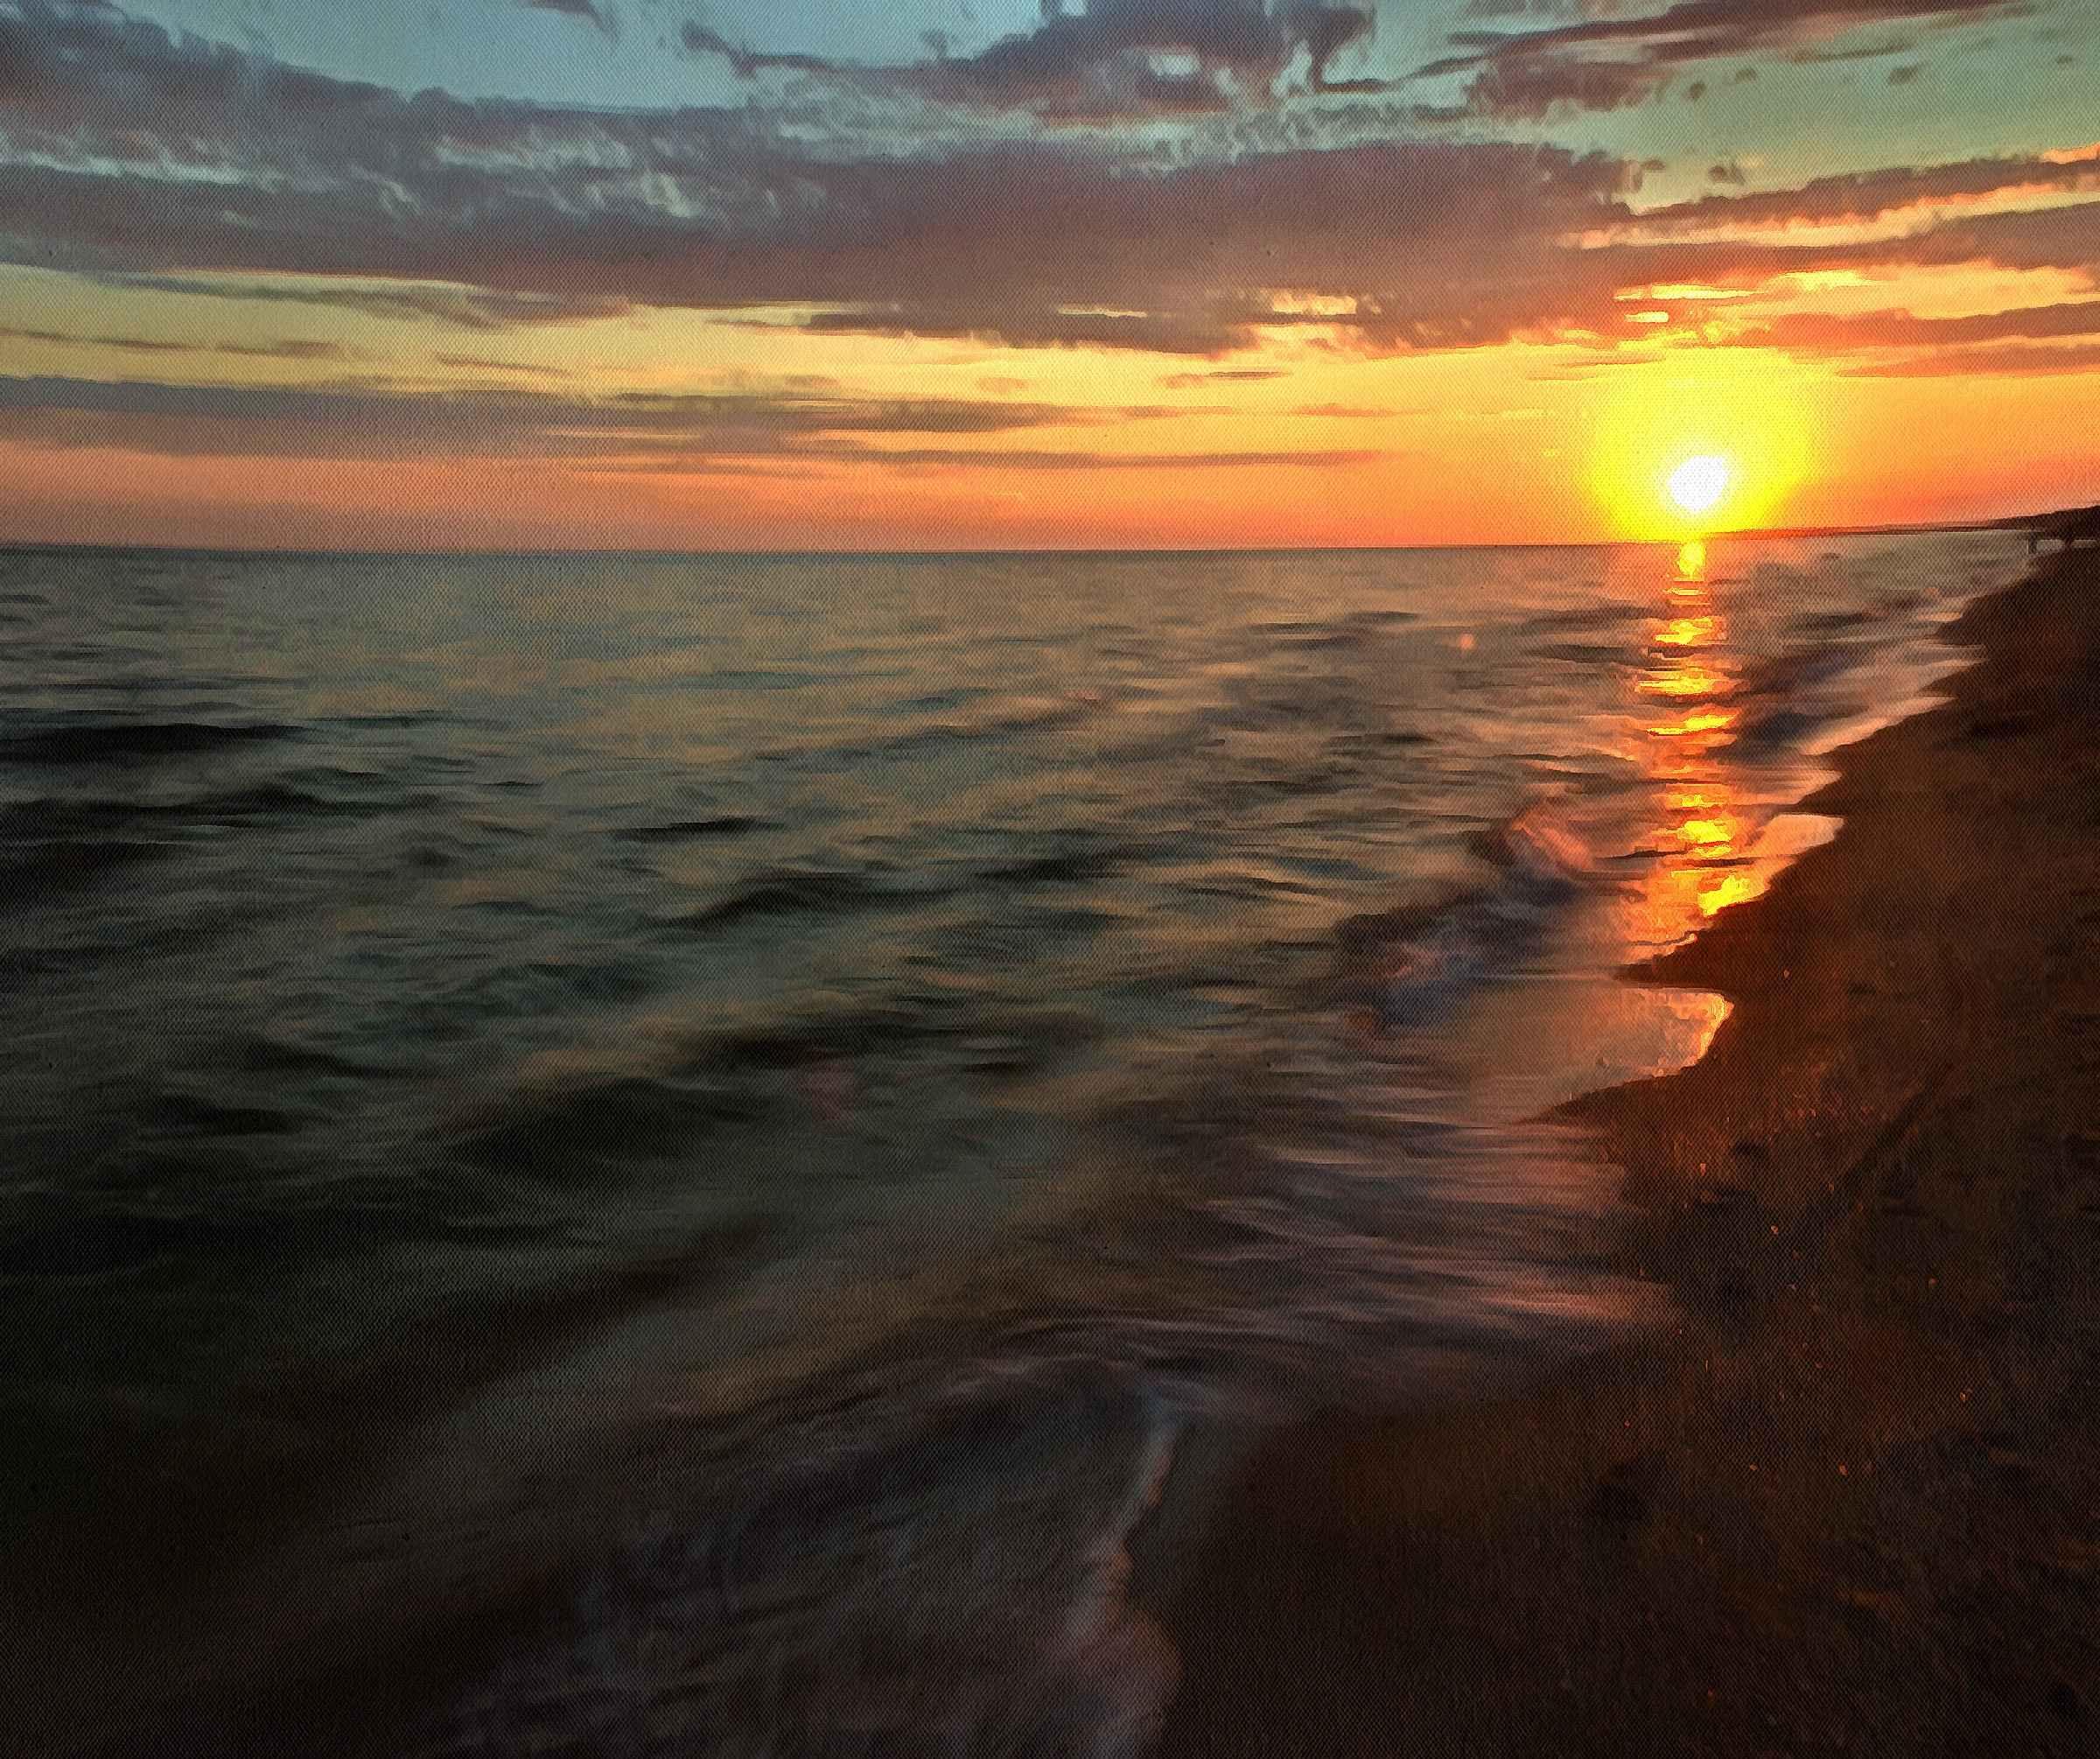 Азовское море. Закат солнца. Картина.